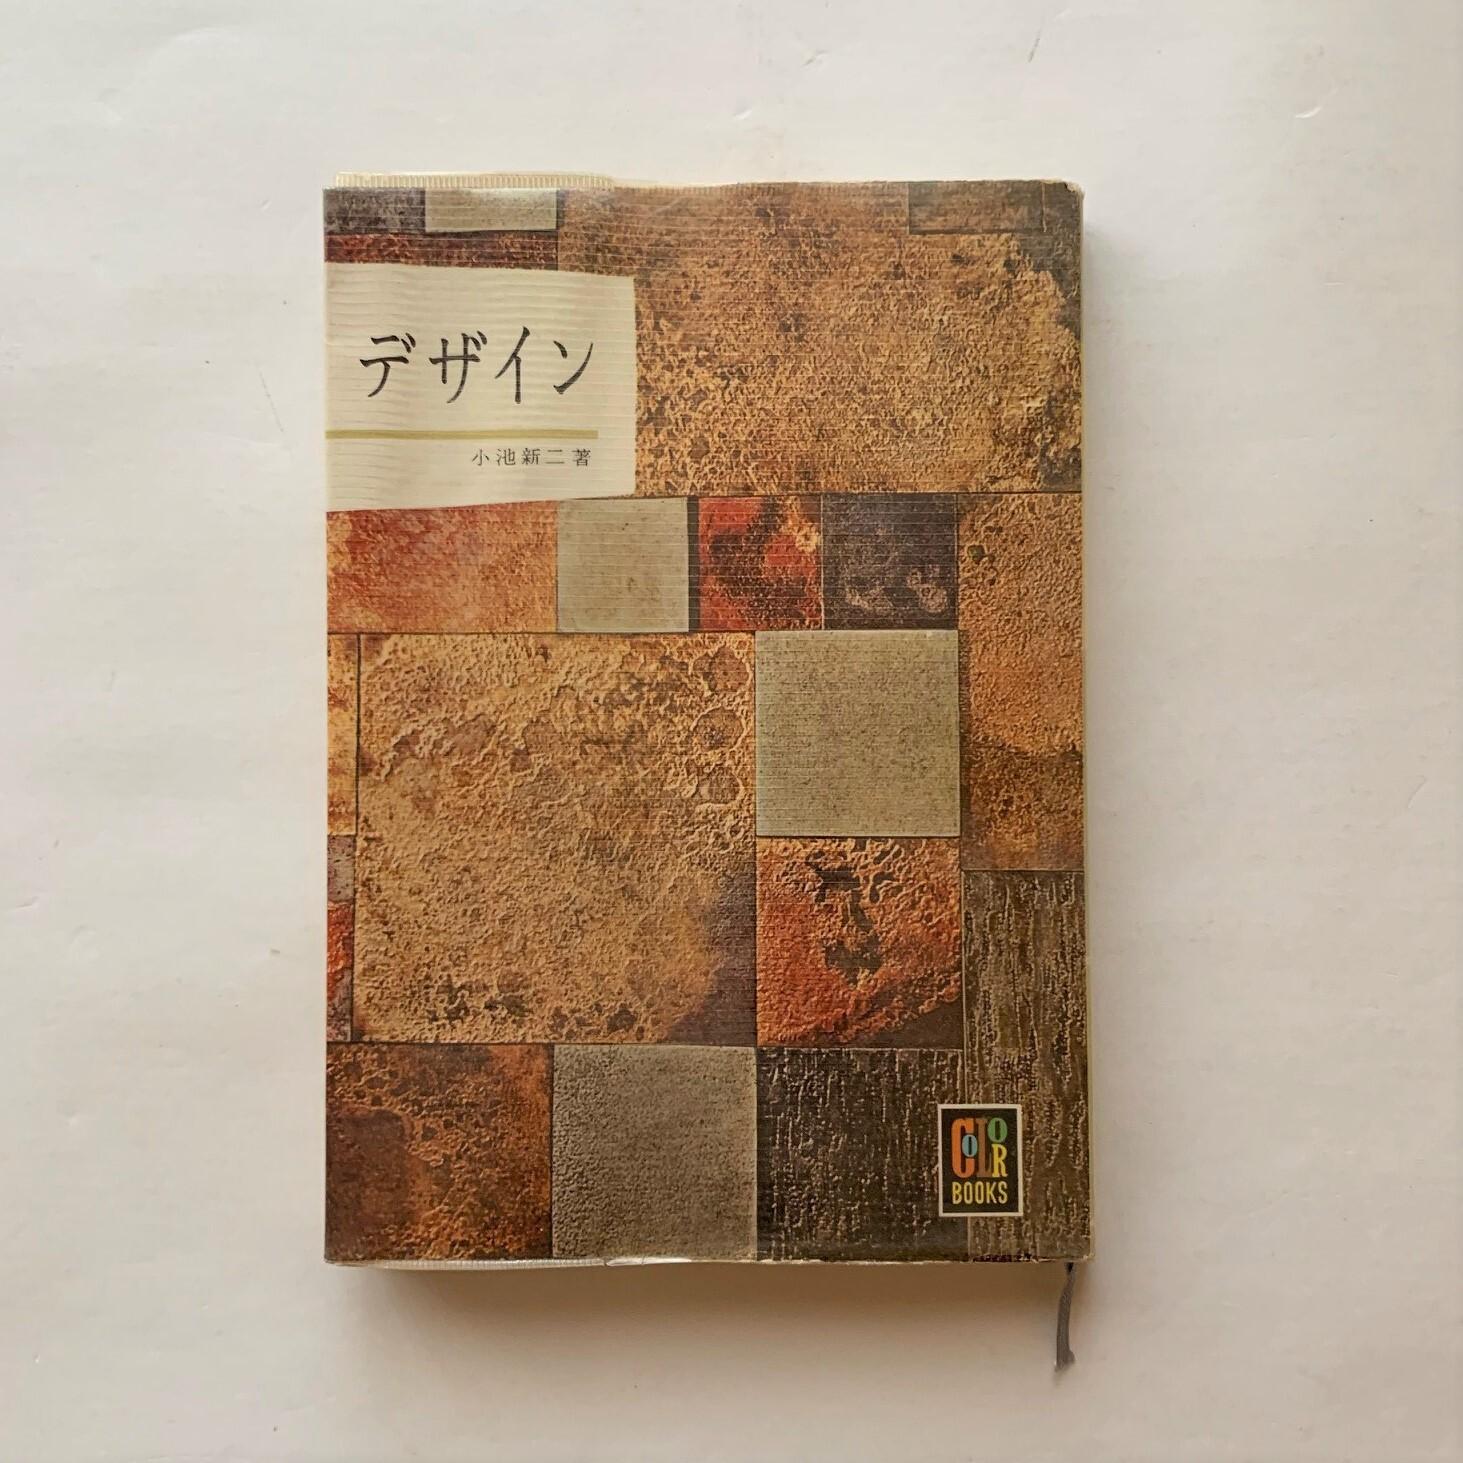 デザイン  /   カラーブックス75  /  小池新二